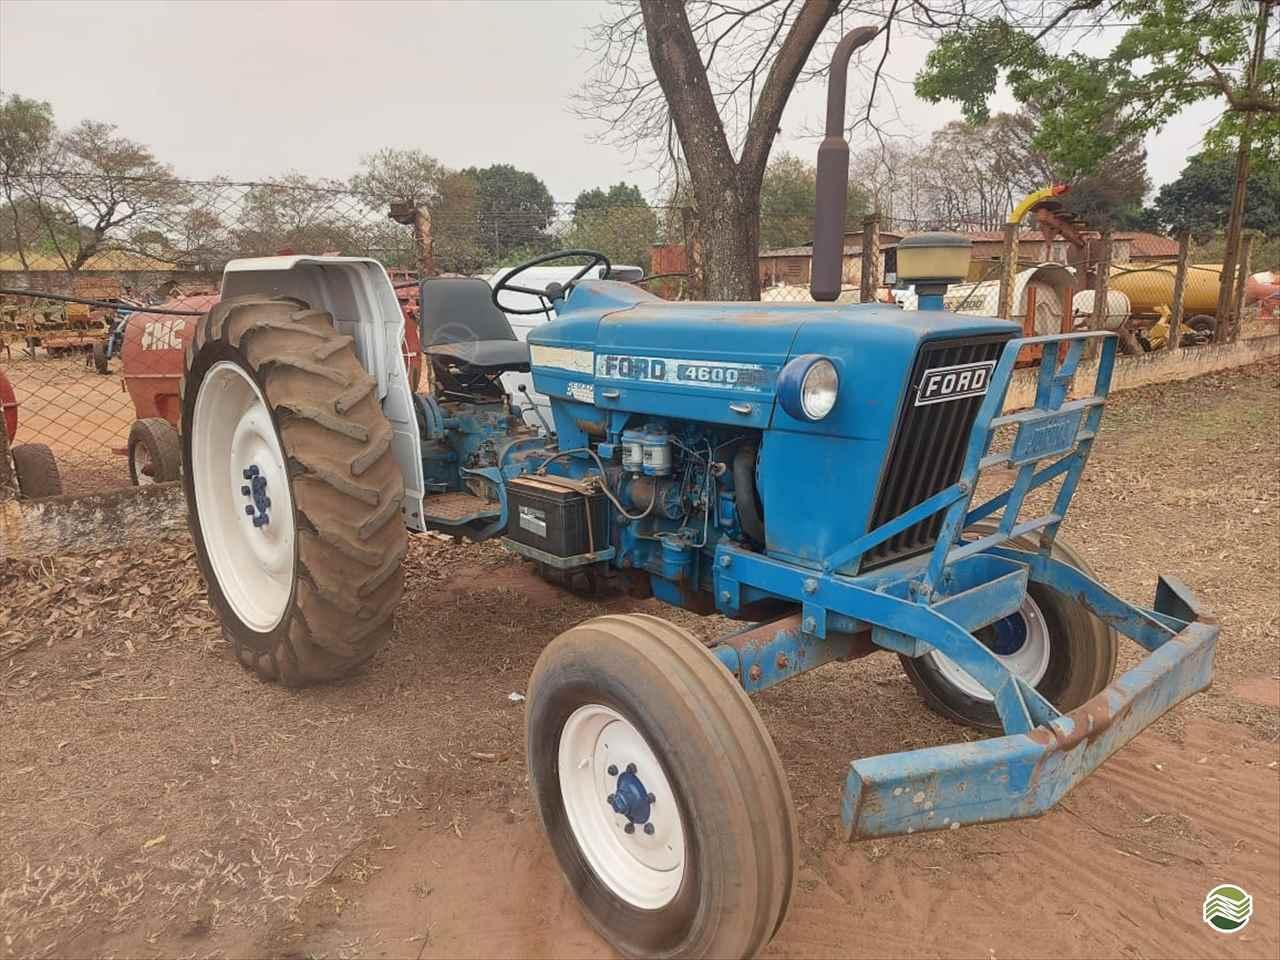 TRATOR FORD FORD 4600 Tração 4x2 Terra Santa Implementos Agrícolas BEBEDOURO SÃO PAULO SP